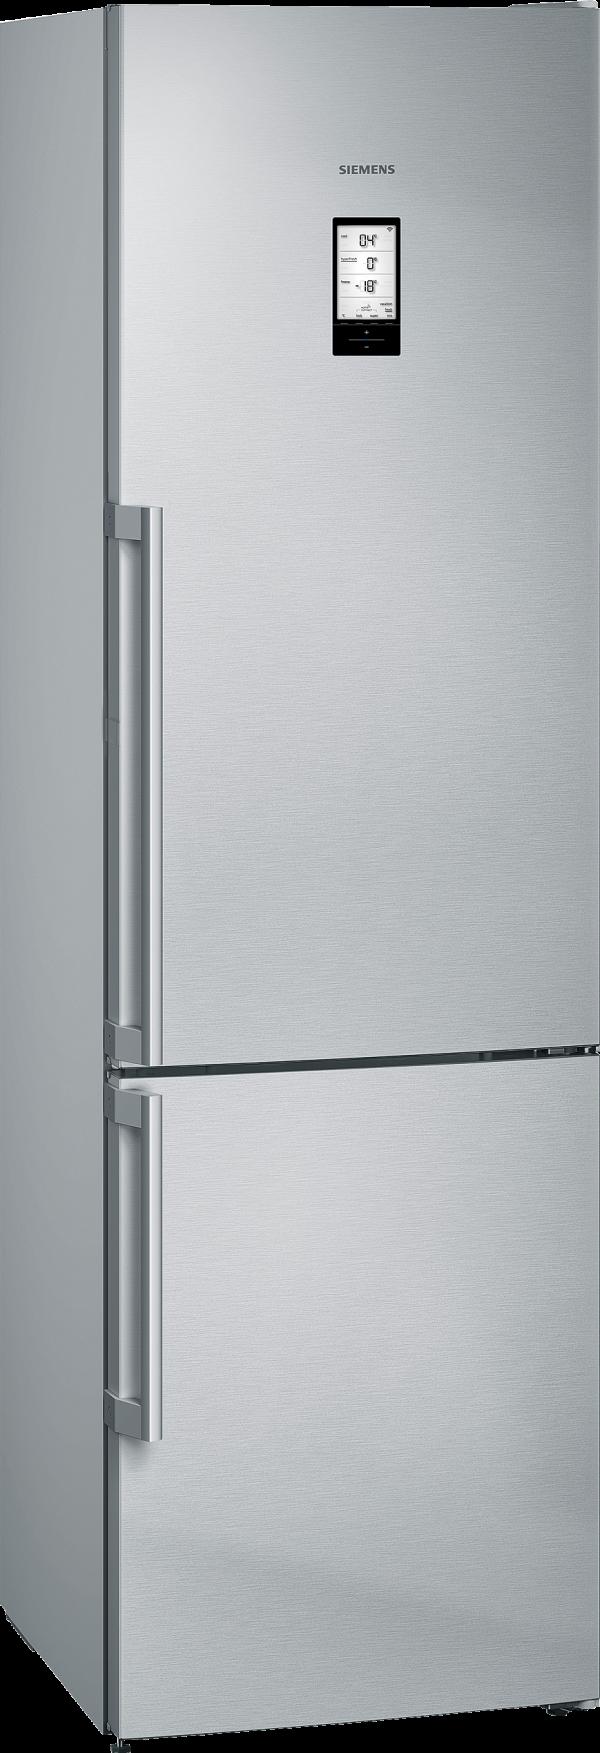 Siemens KG39FEI46 Koel/vriescombinatie